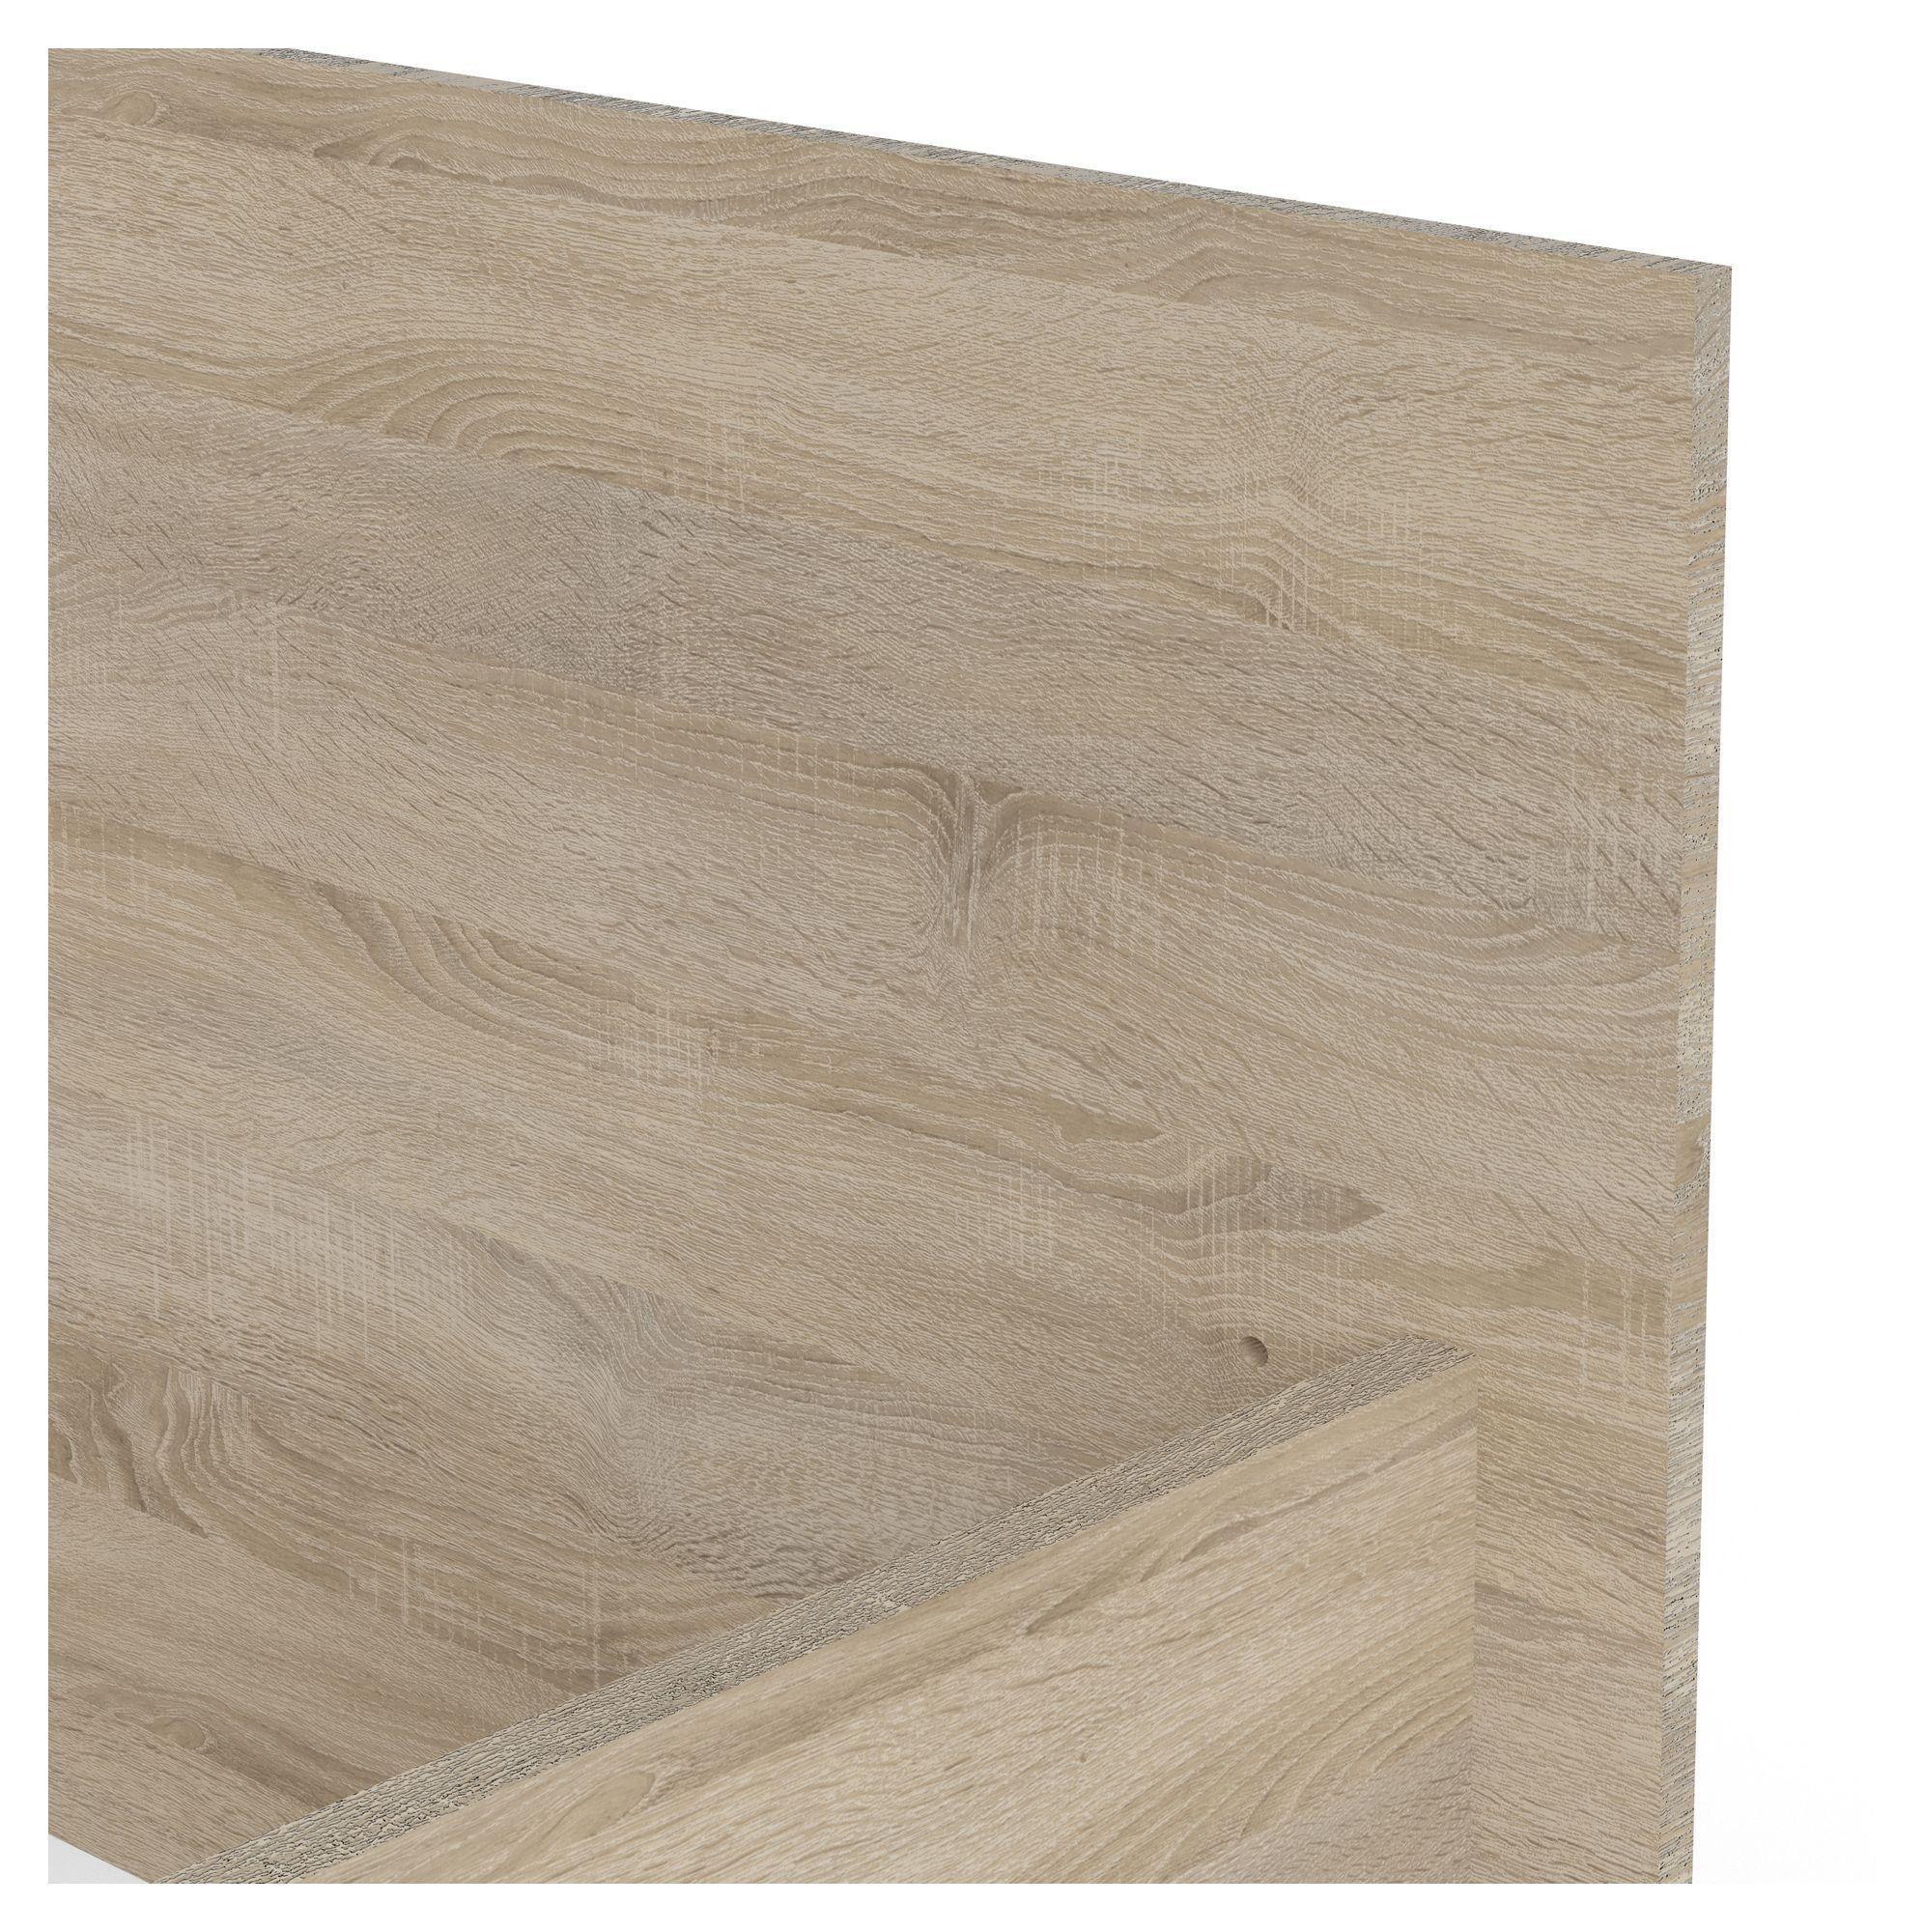 Style Sengeramme - Lys træ 180x200 - Seng i eg - 180x200 cm